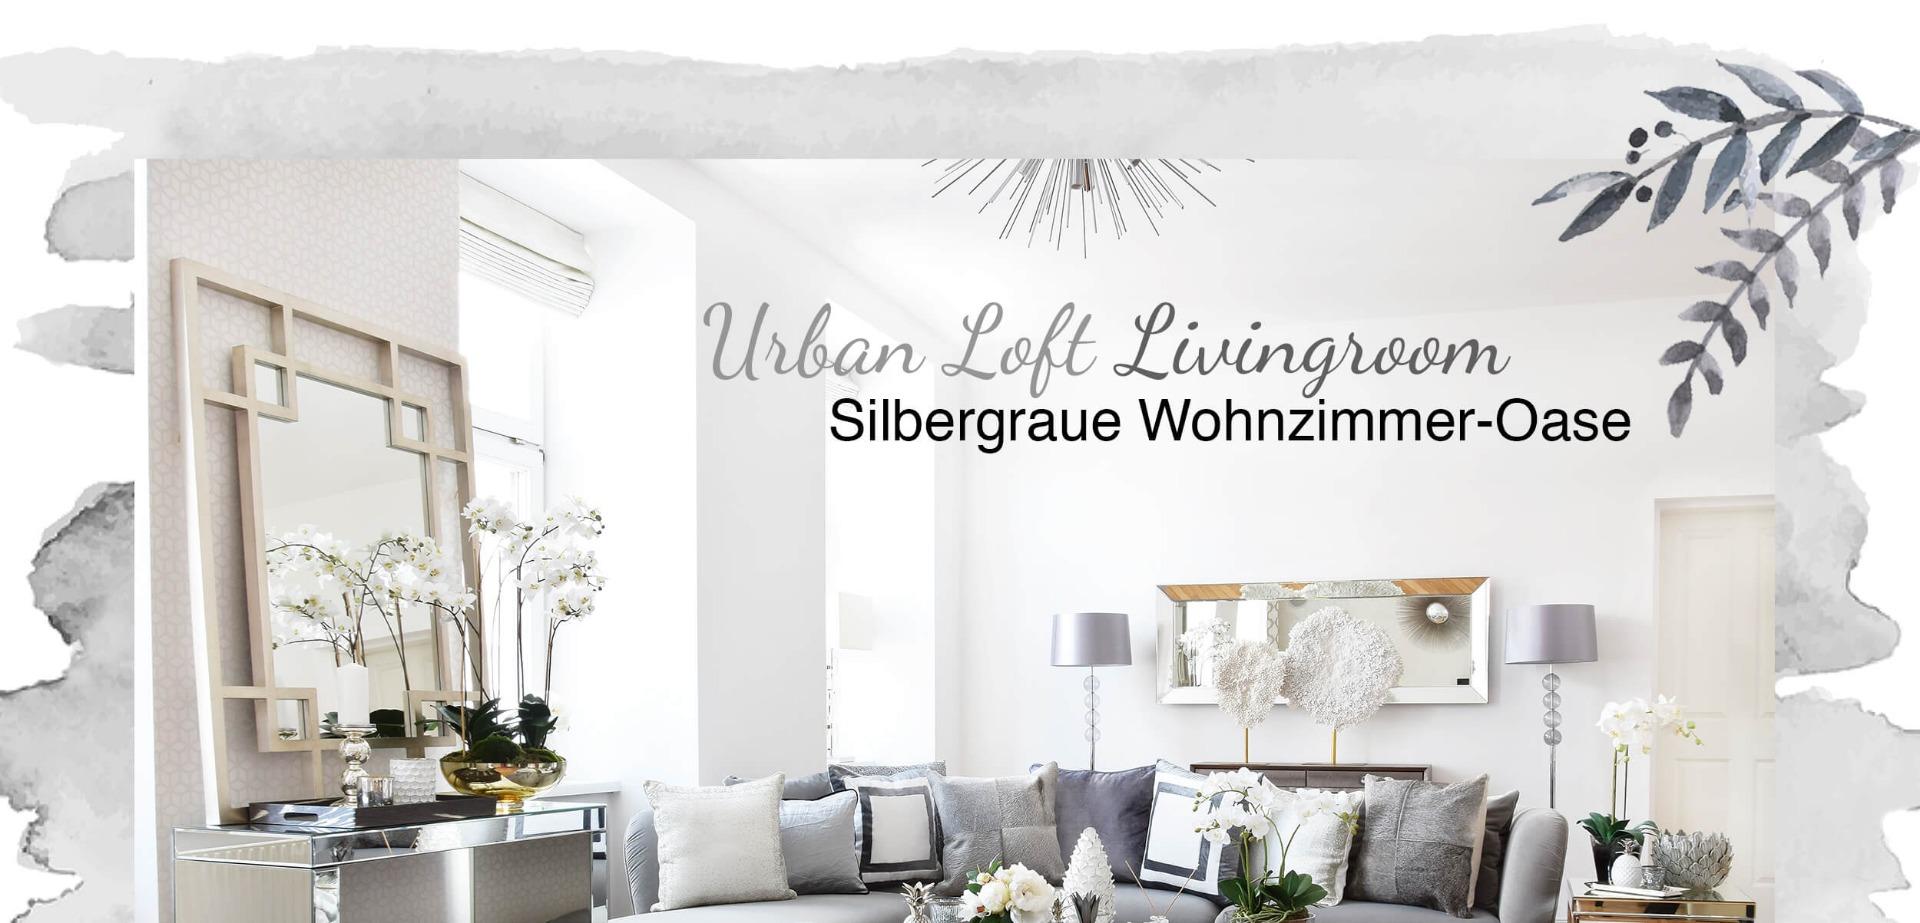 wohnzimmer silber, urban loft livingroom - wohnzimmer in silber & grau - looks, Design ideen